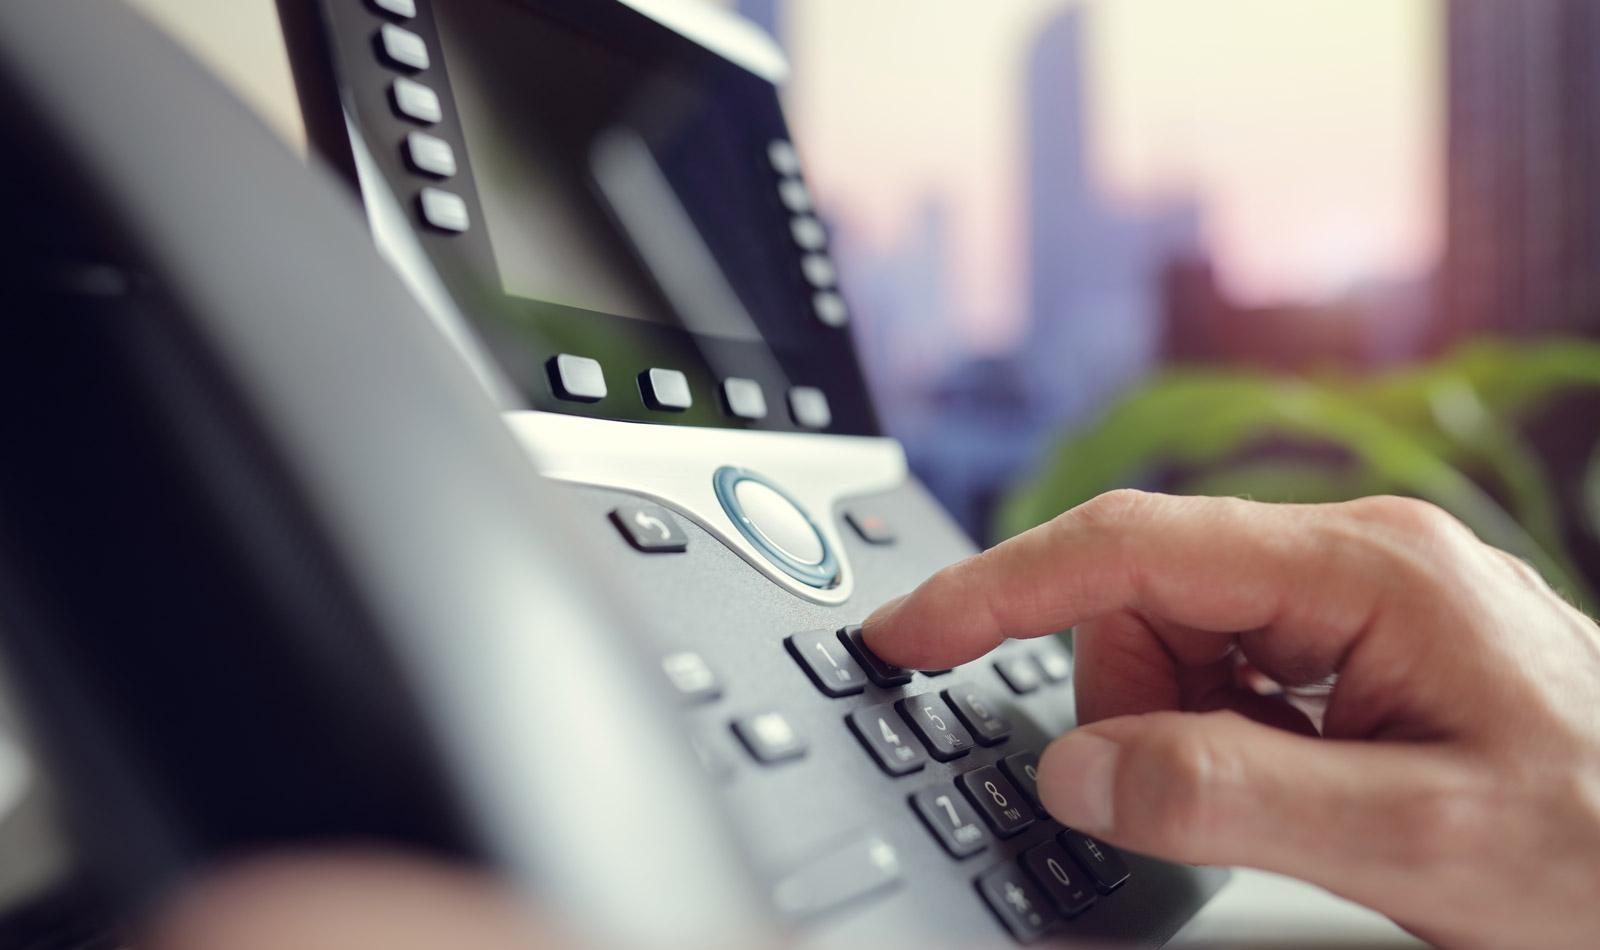 Los 5 mejores mensajes para tu contestador en vacaciones